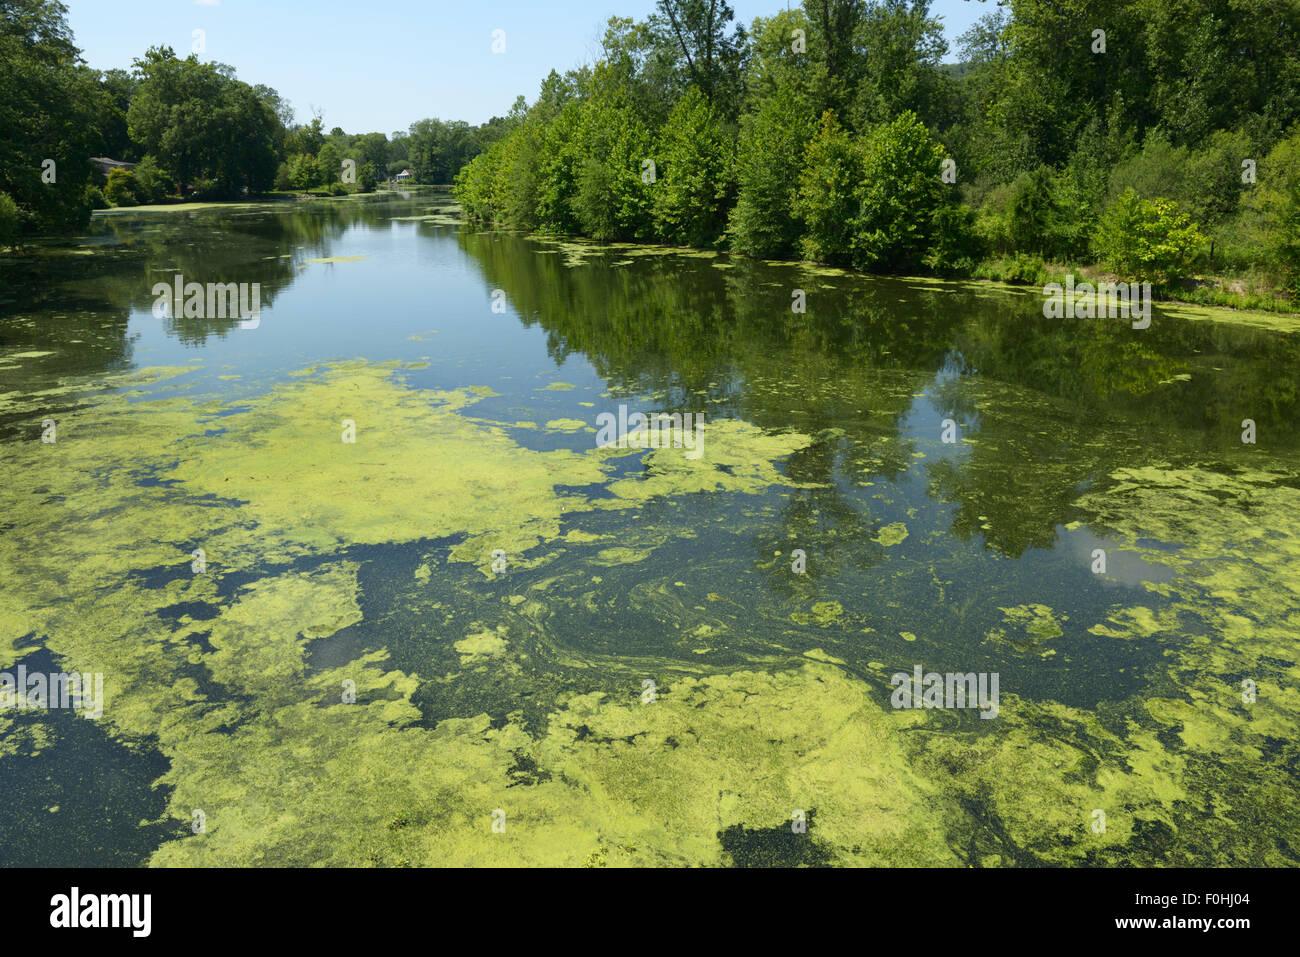 Algues résultant de l'eutrophisation, la rivière Ramapo, nord de la pollution de l'eau (New Jersey). Photo Stock